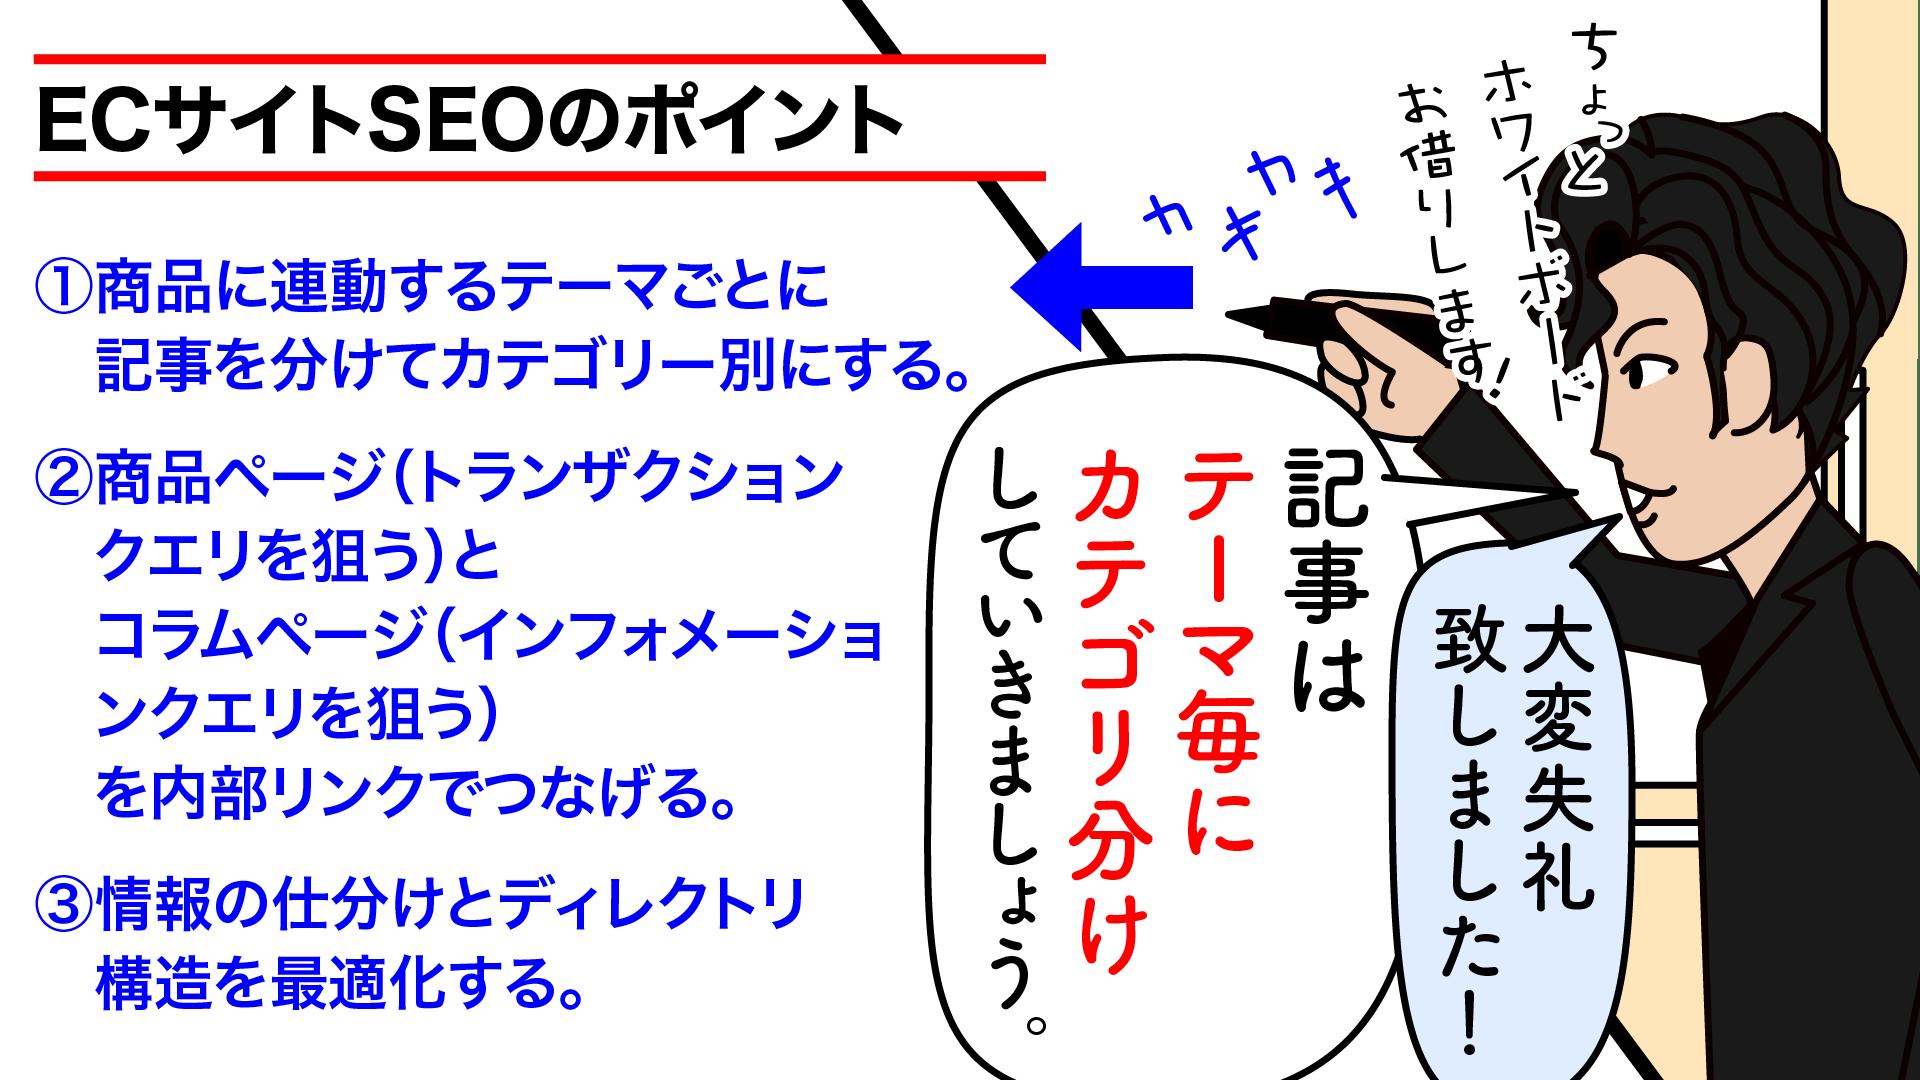 漫画‐SEOディレクトリ構造と情報の仕分け③